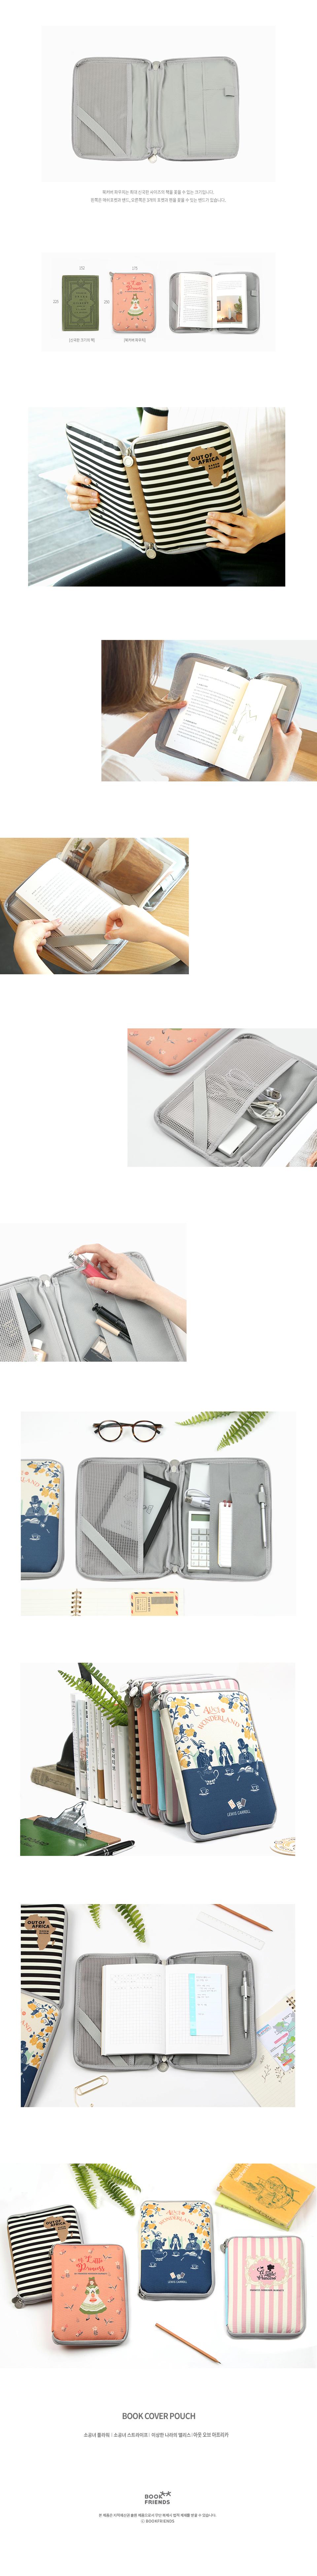 북커버 파우치 - 북프렌즈, 15,800원, 독서용품, 북커버